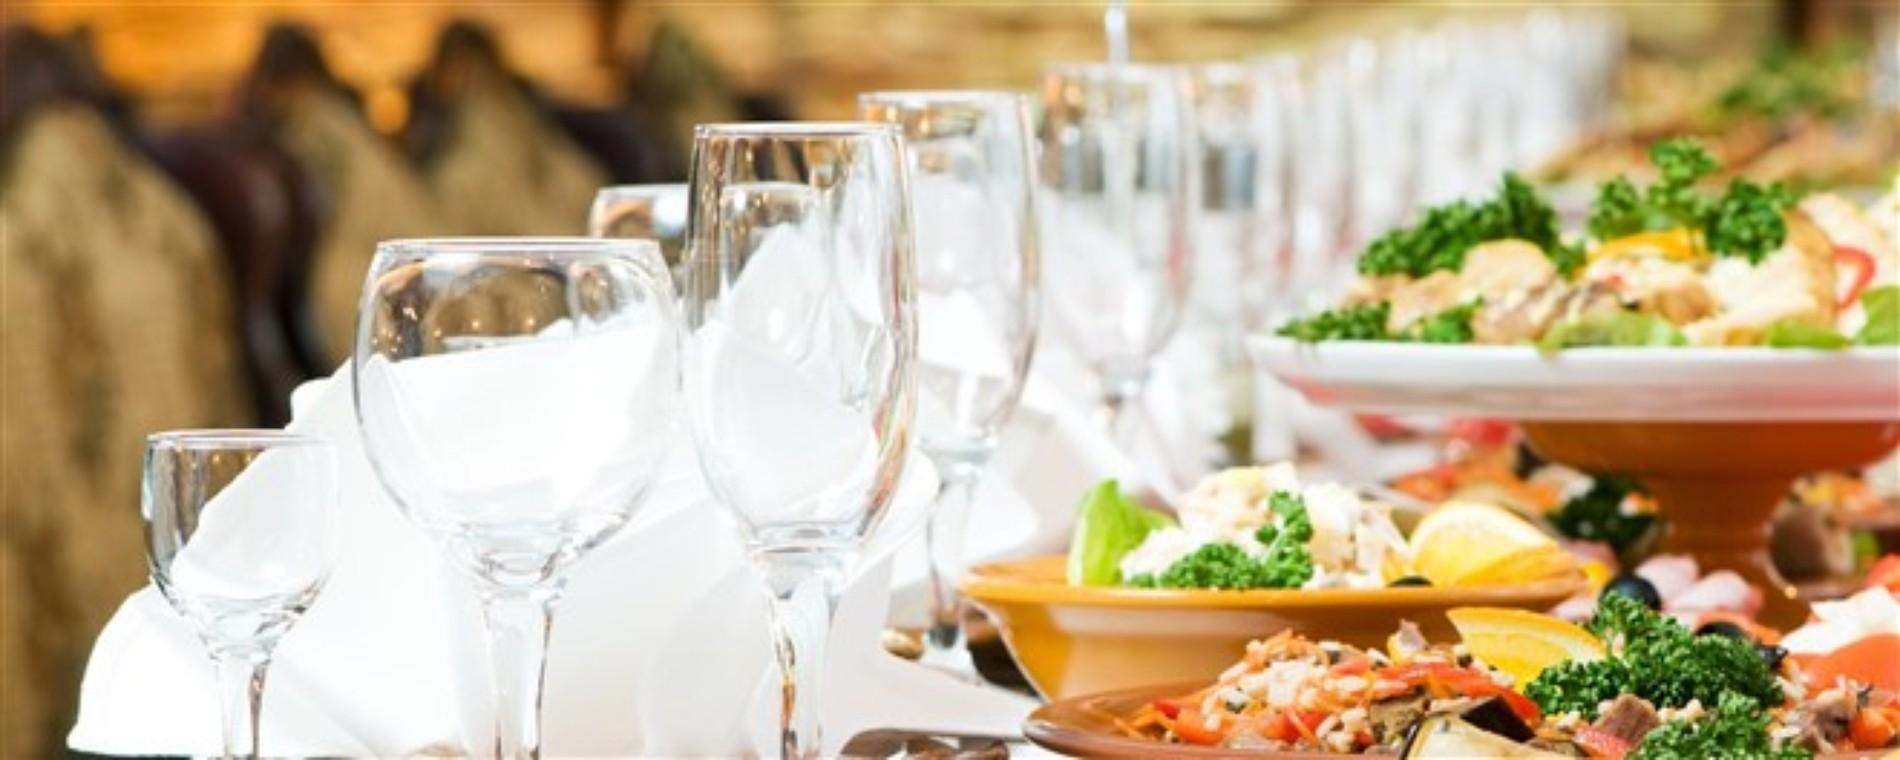 Empresa de Catering bodas en A Coruña CATERING MANDUCA